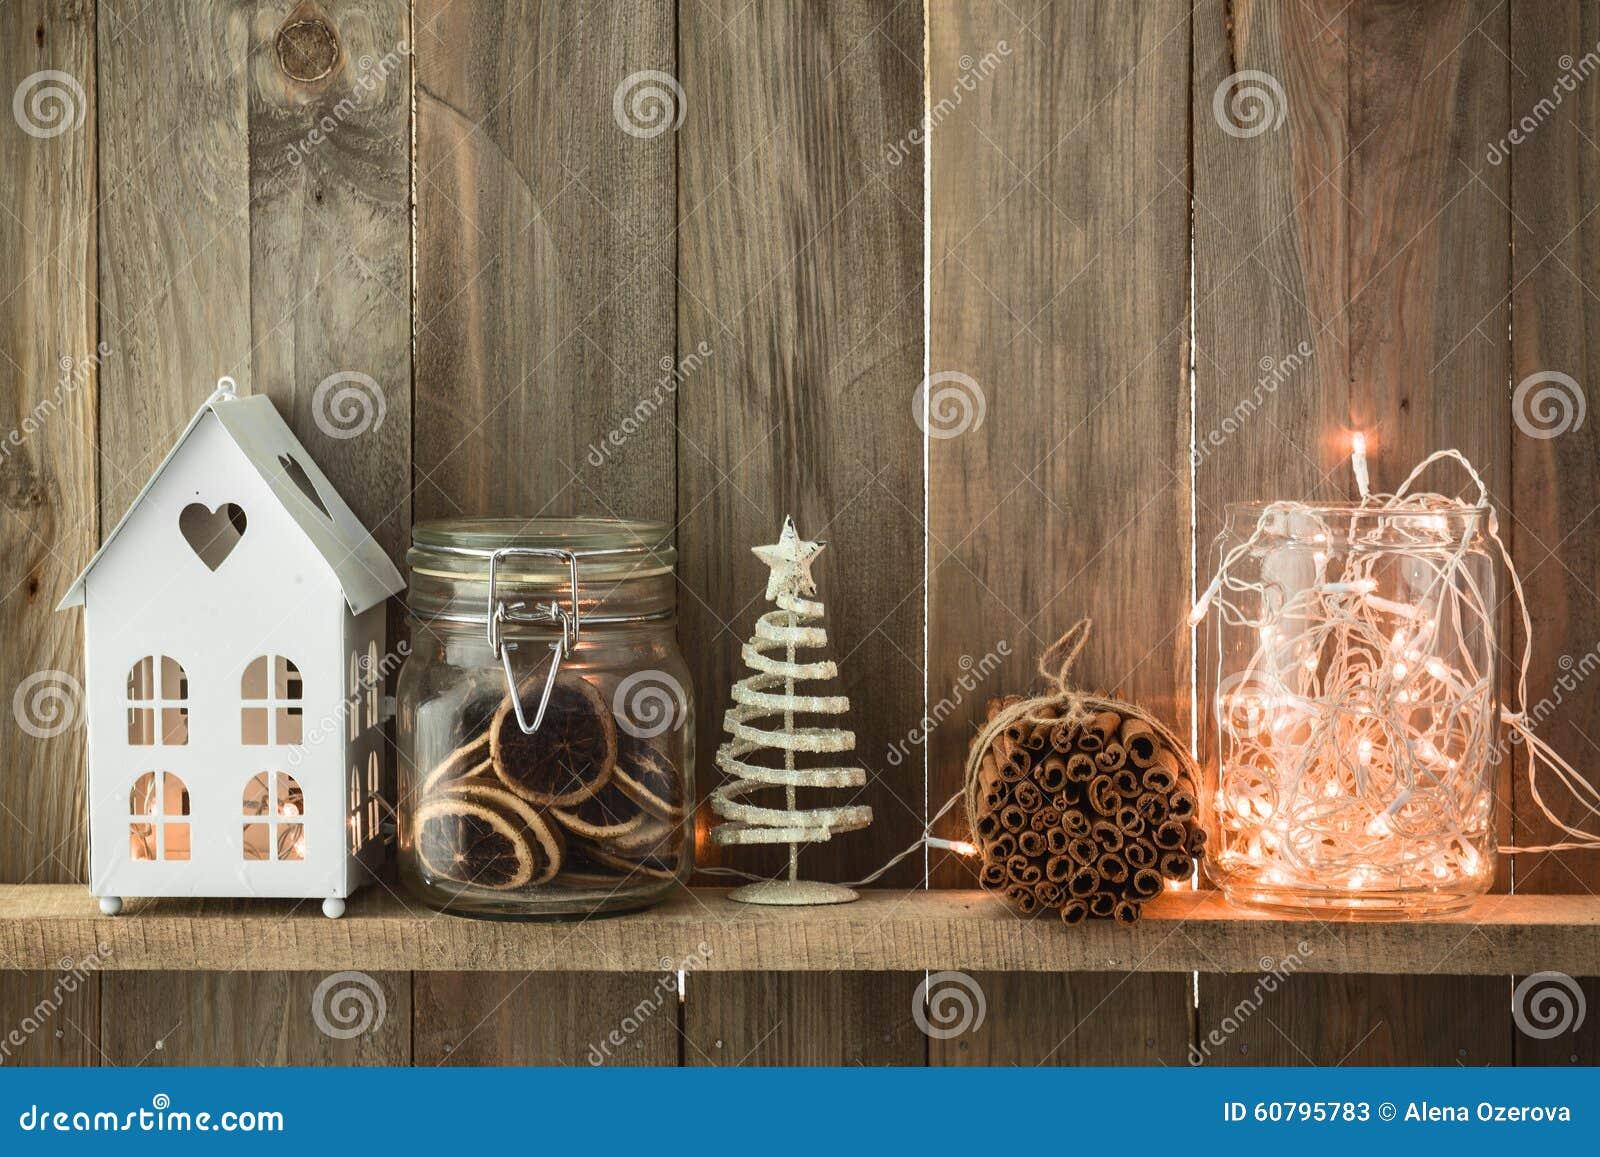 Christmas home decor stock photo image 60795783 for At home christmas